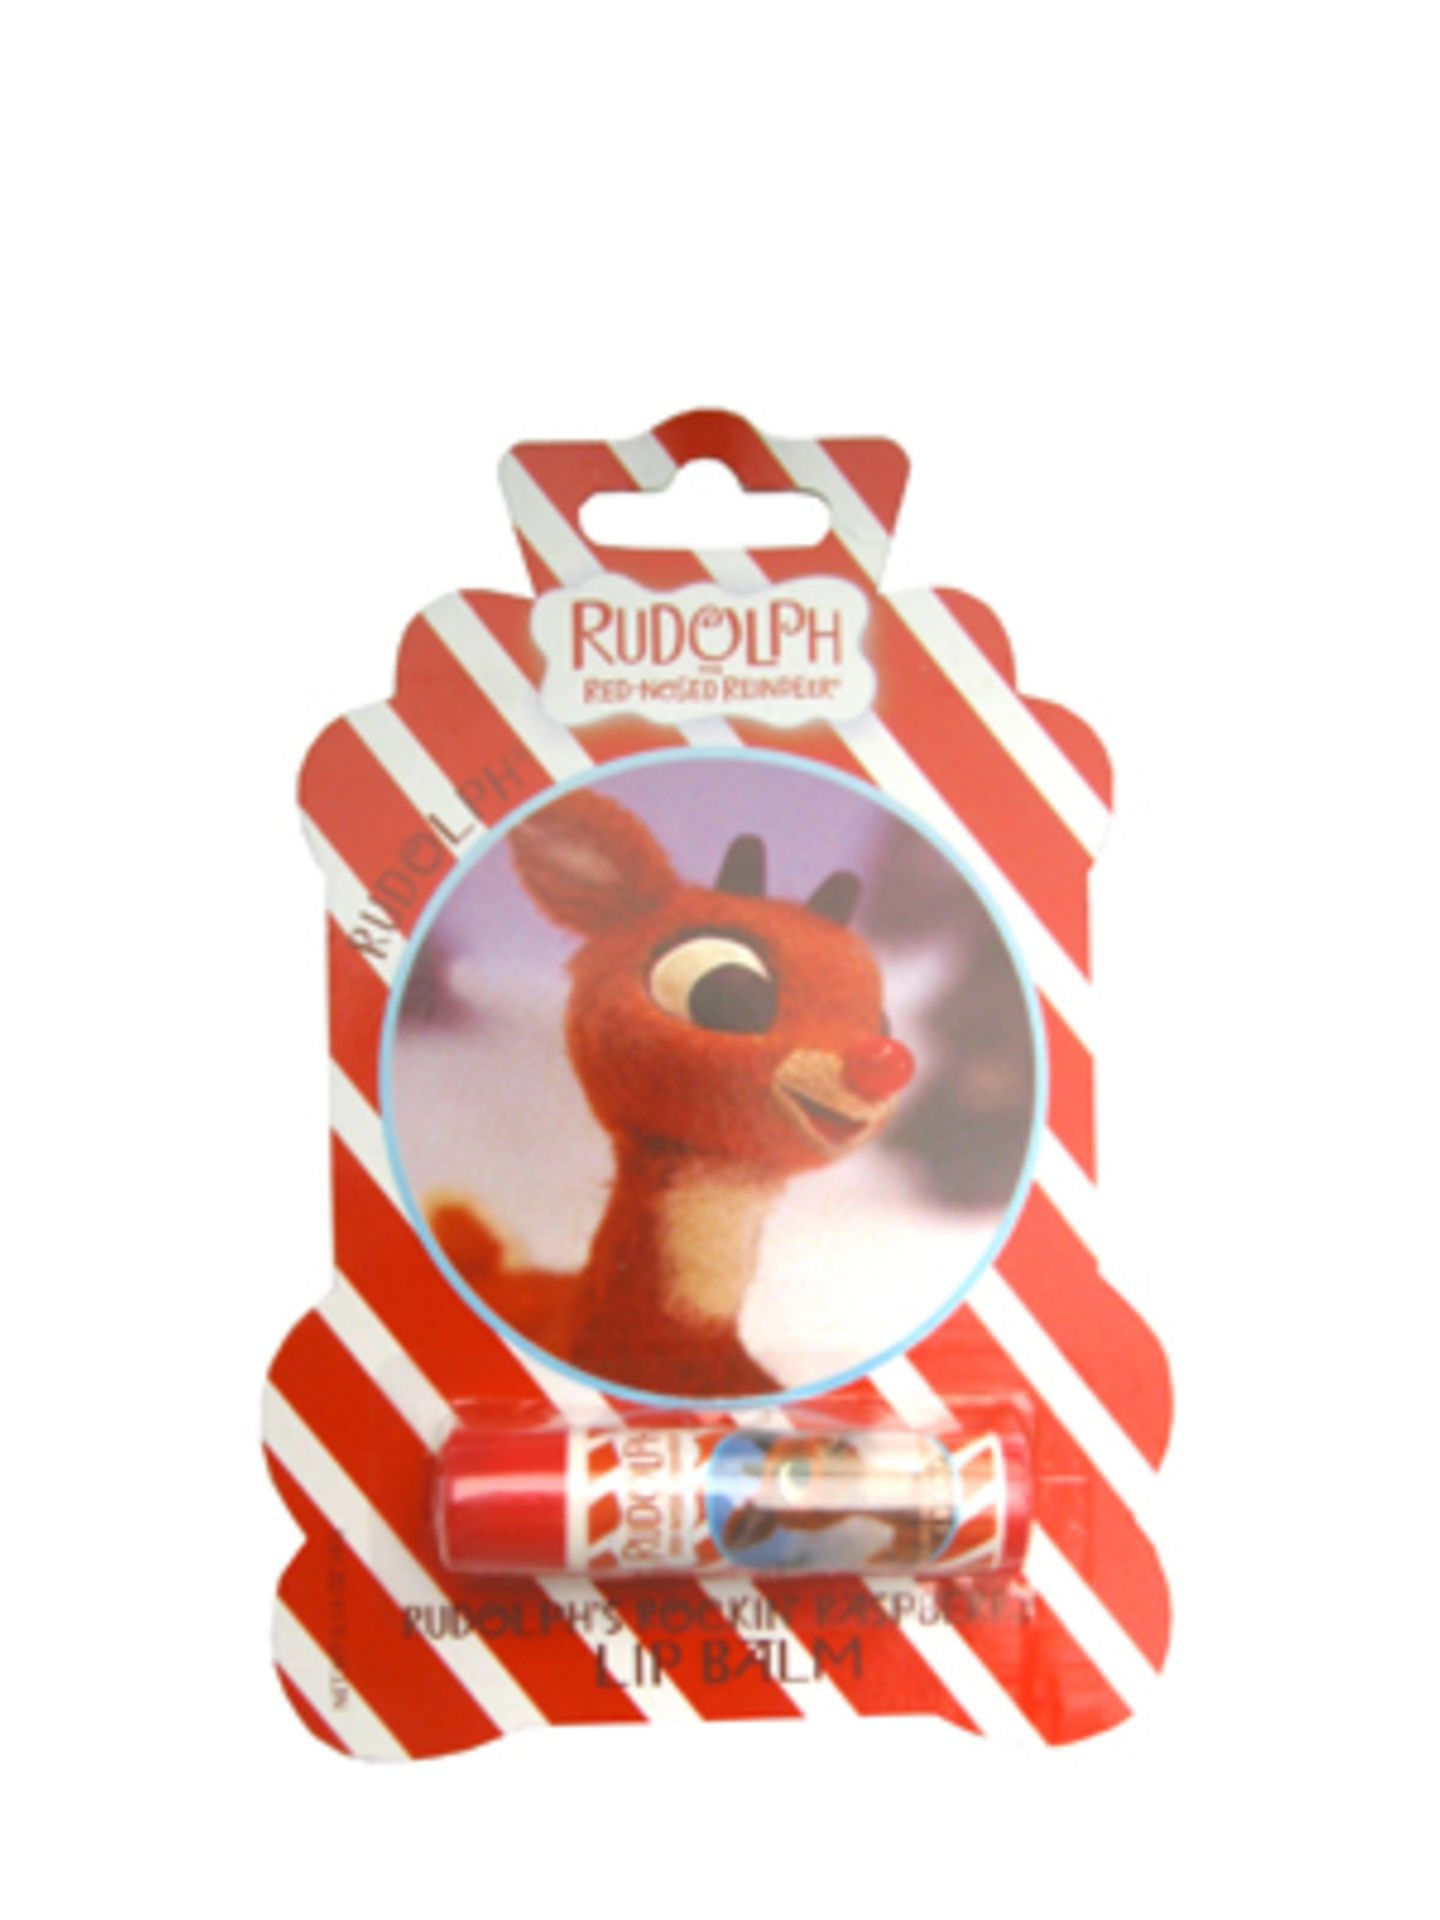 """Lippenbalsam """"Rudolph"""" von PINJA, um 6 Euro."""